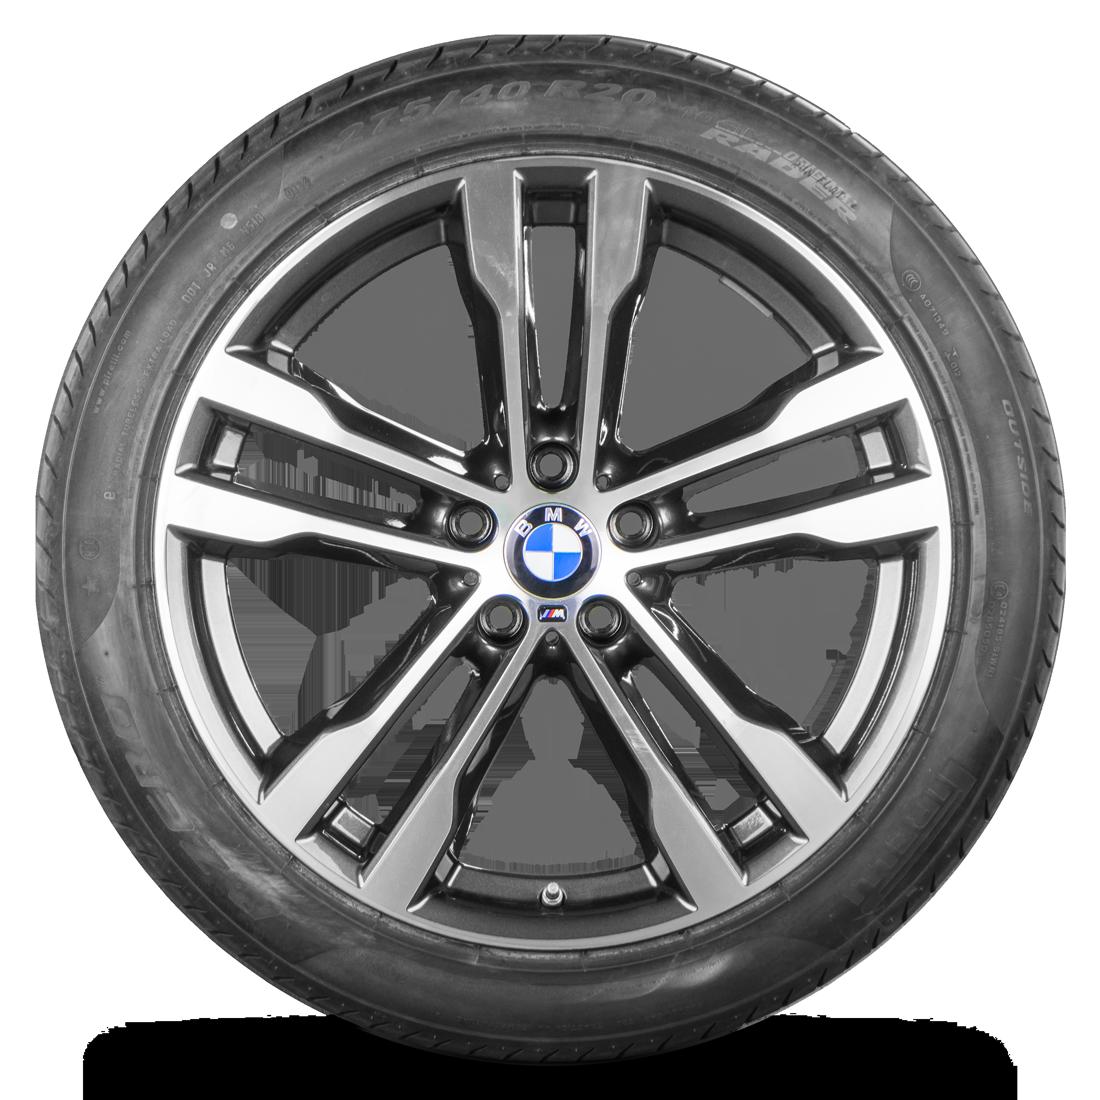 Opět skladem zimní sady pro nové BMW X3 G01 X4 G02, dále BMW 7 G01 a mnoho dalších modelů